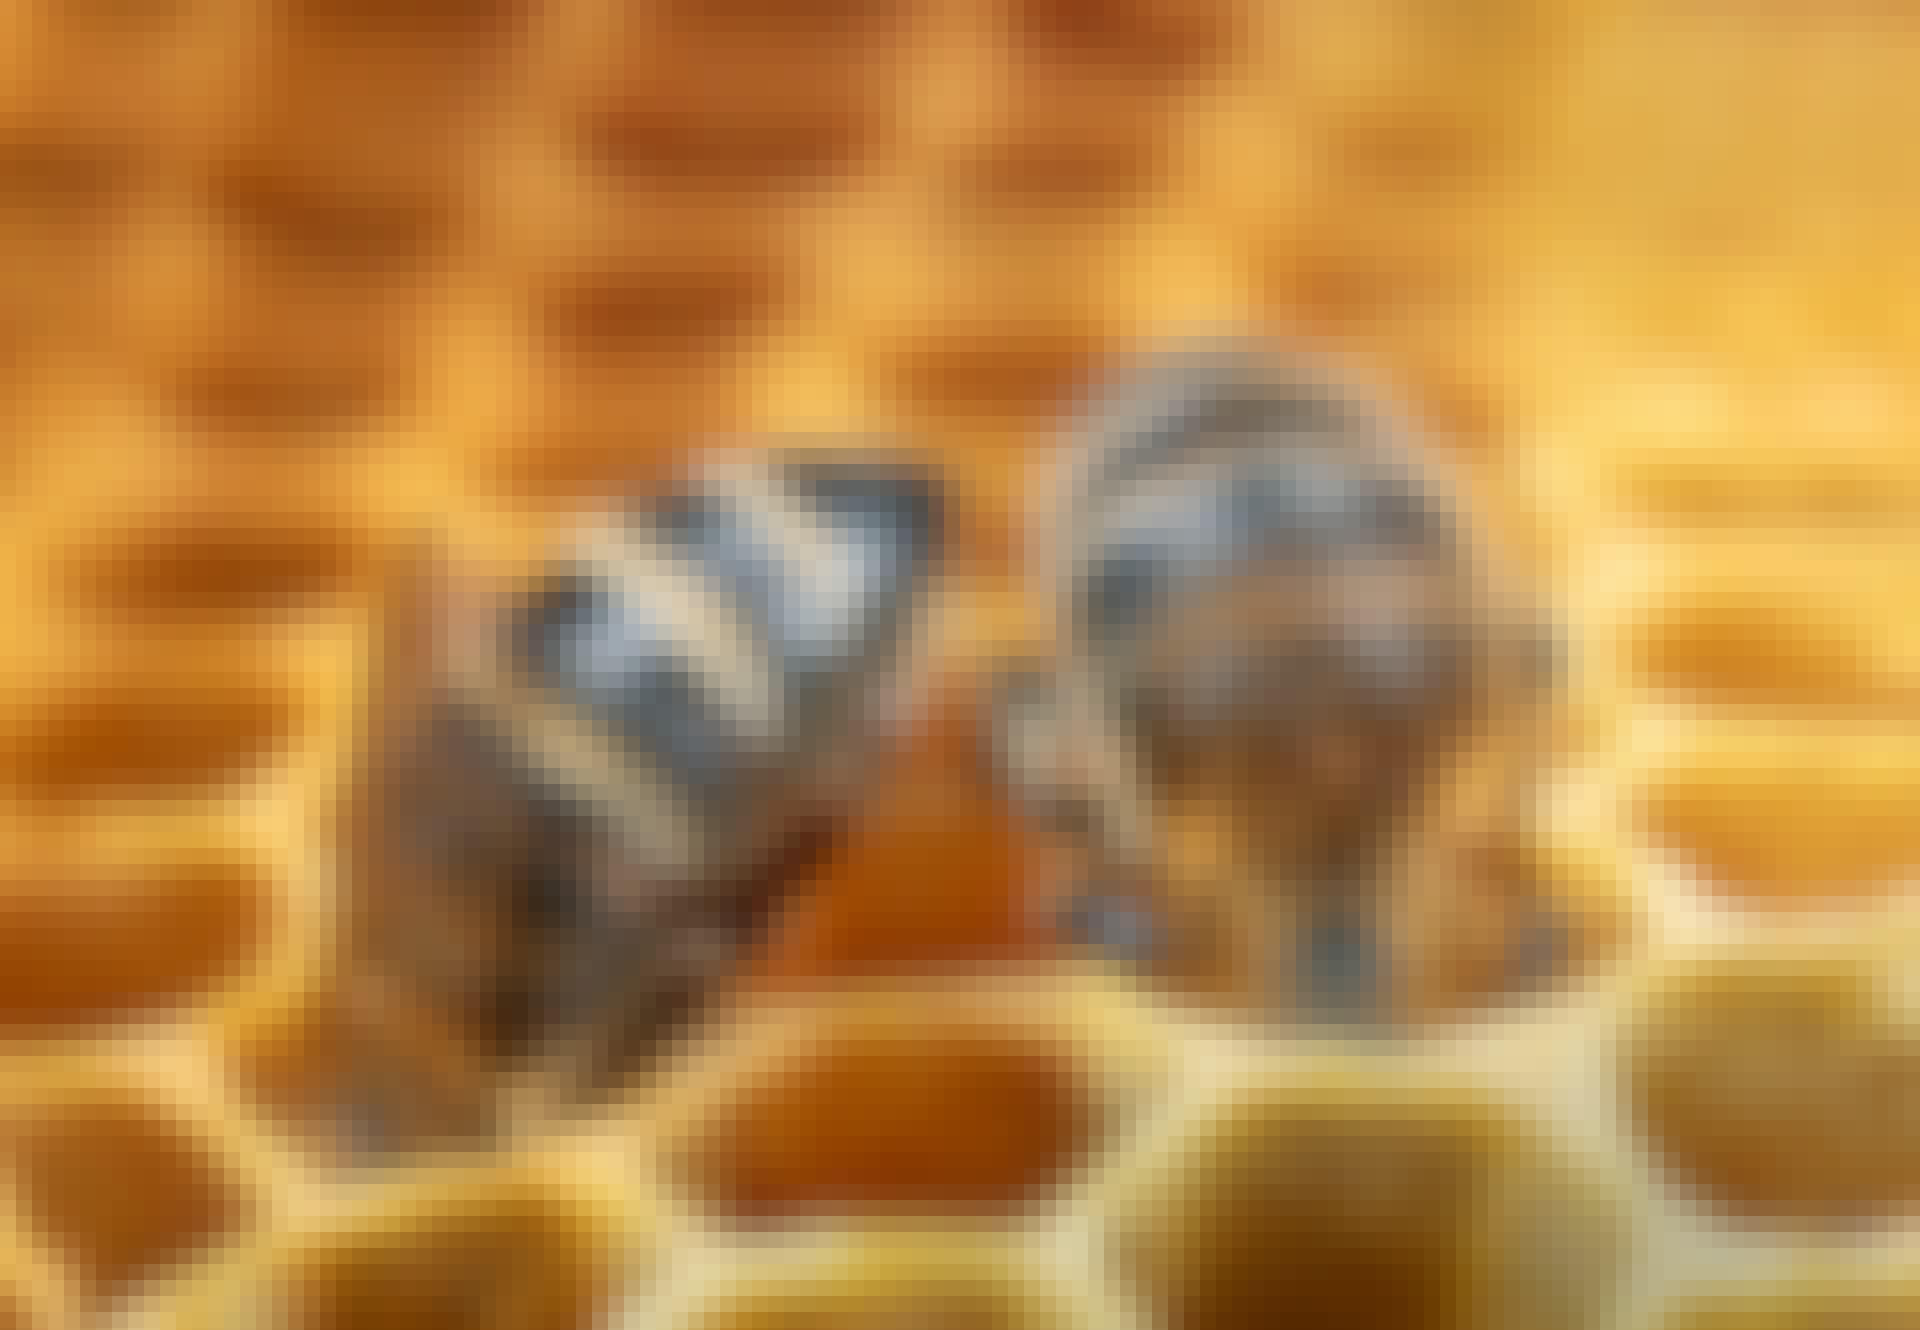 Mehiläiset siivoavat kennostoa